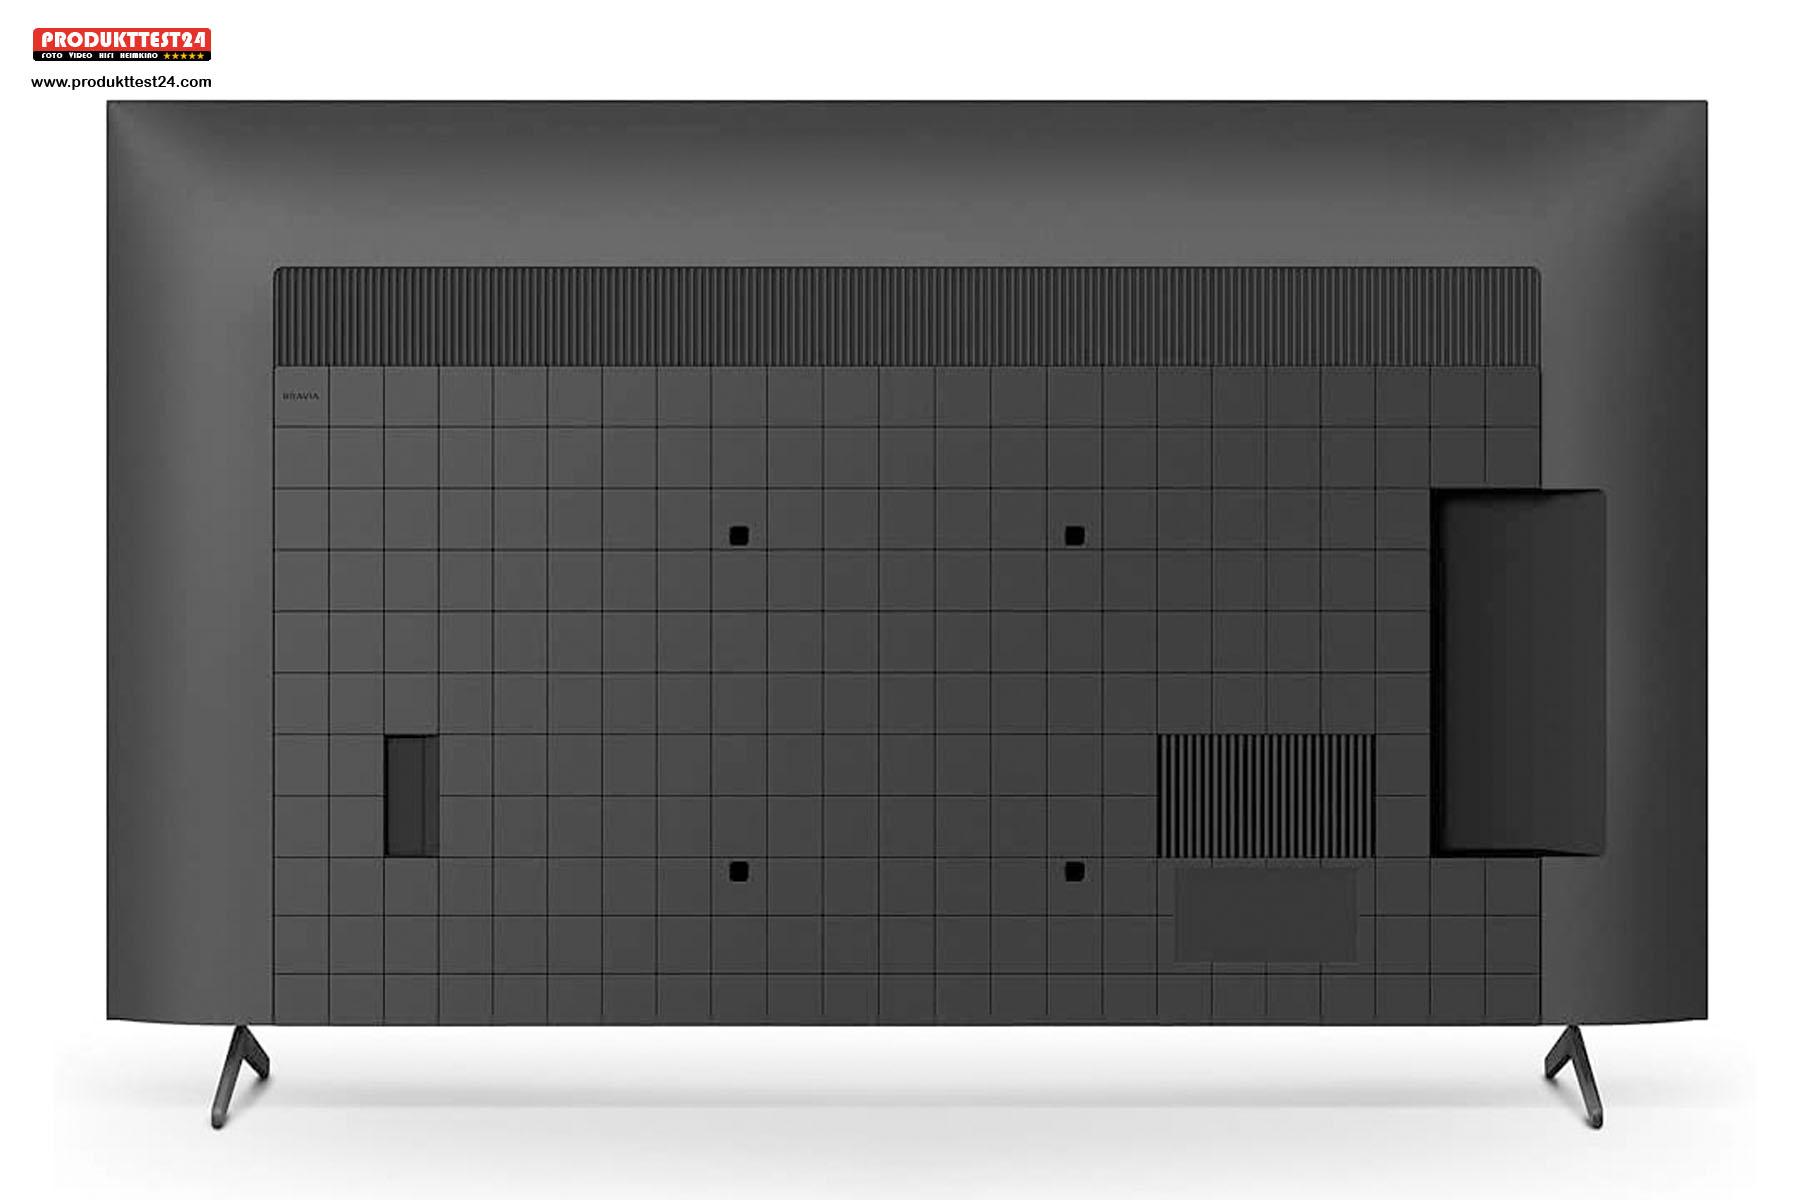 Auch die Rückseite des Sony Bravia Fernsehers sieht schick aus.